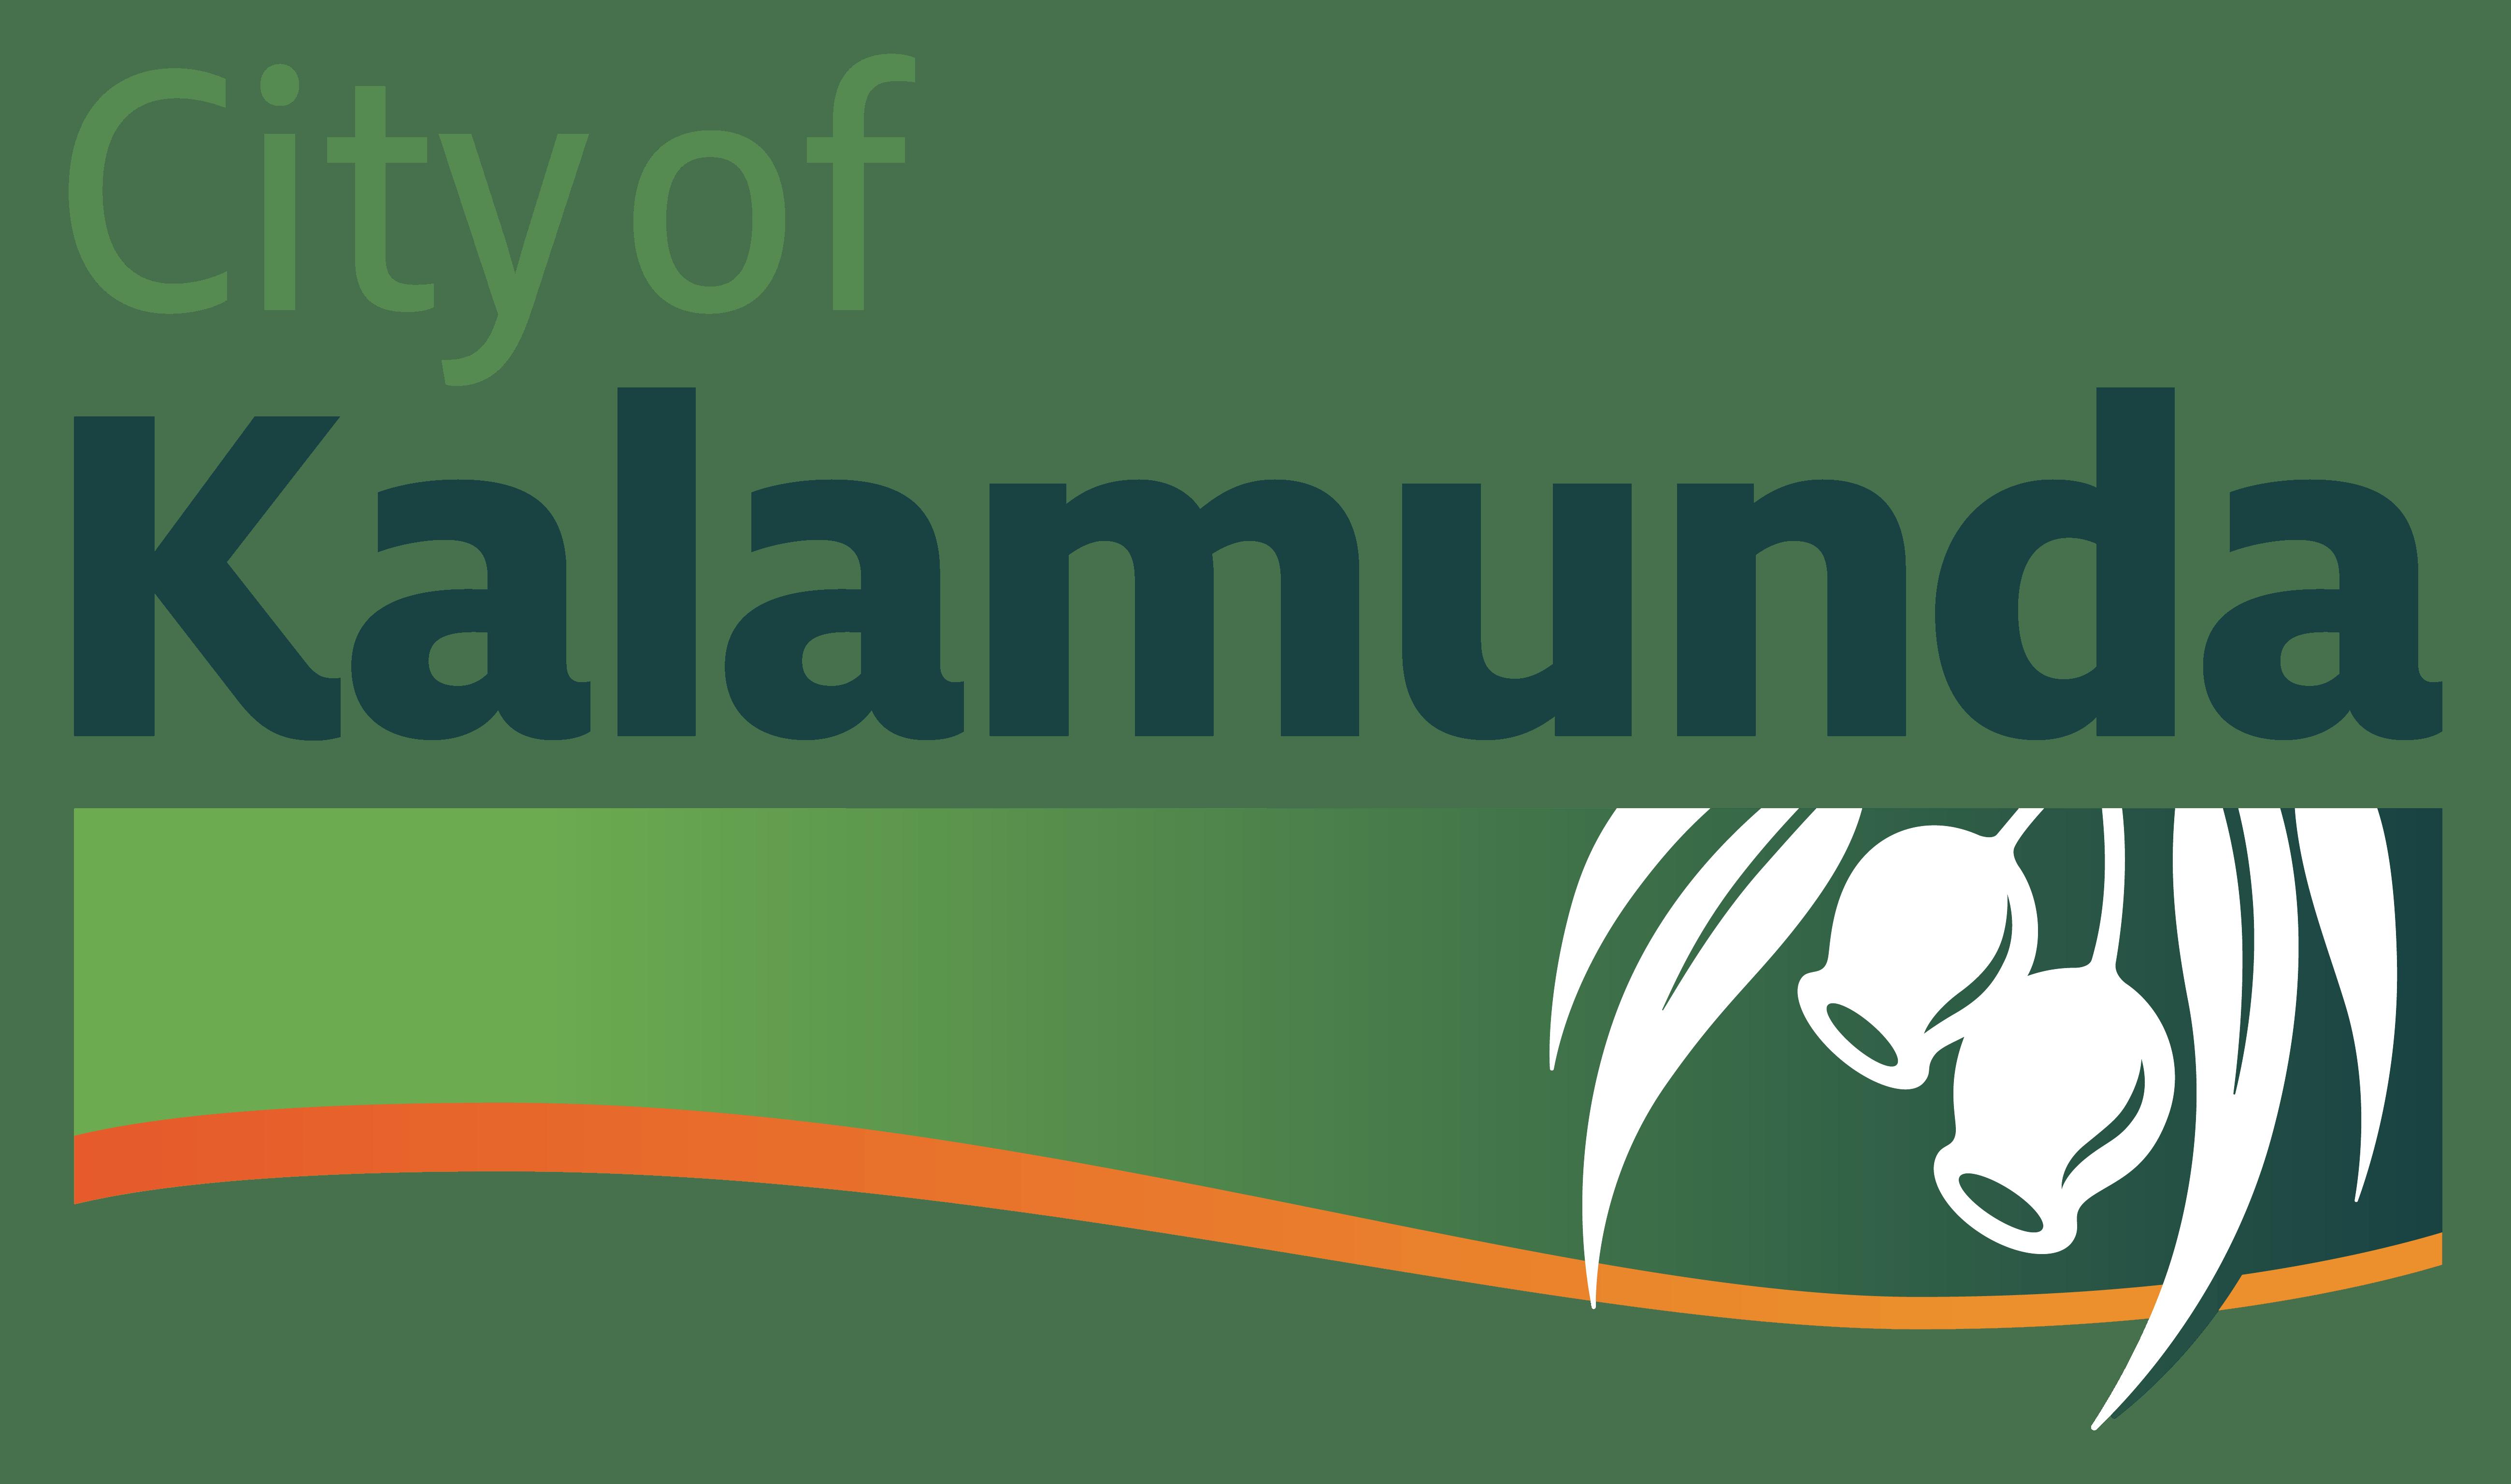 Engage Kalamunda